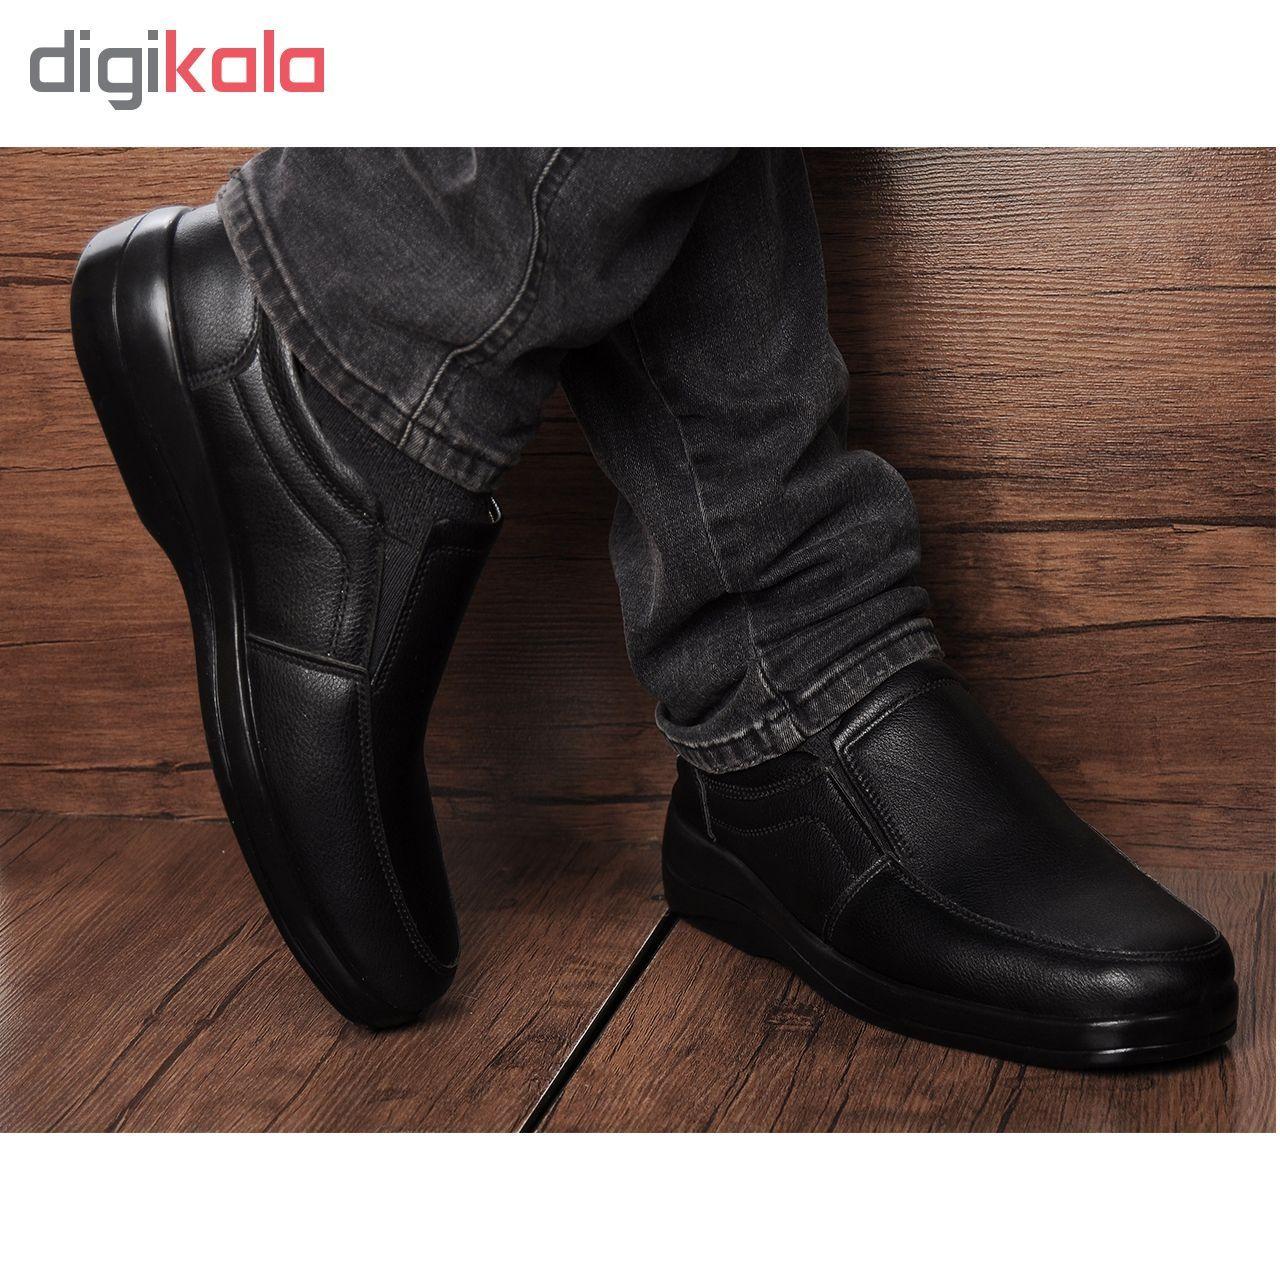 کفش روزمره مردانه کد NG M 2018  -  - 3